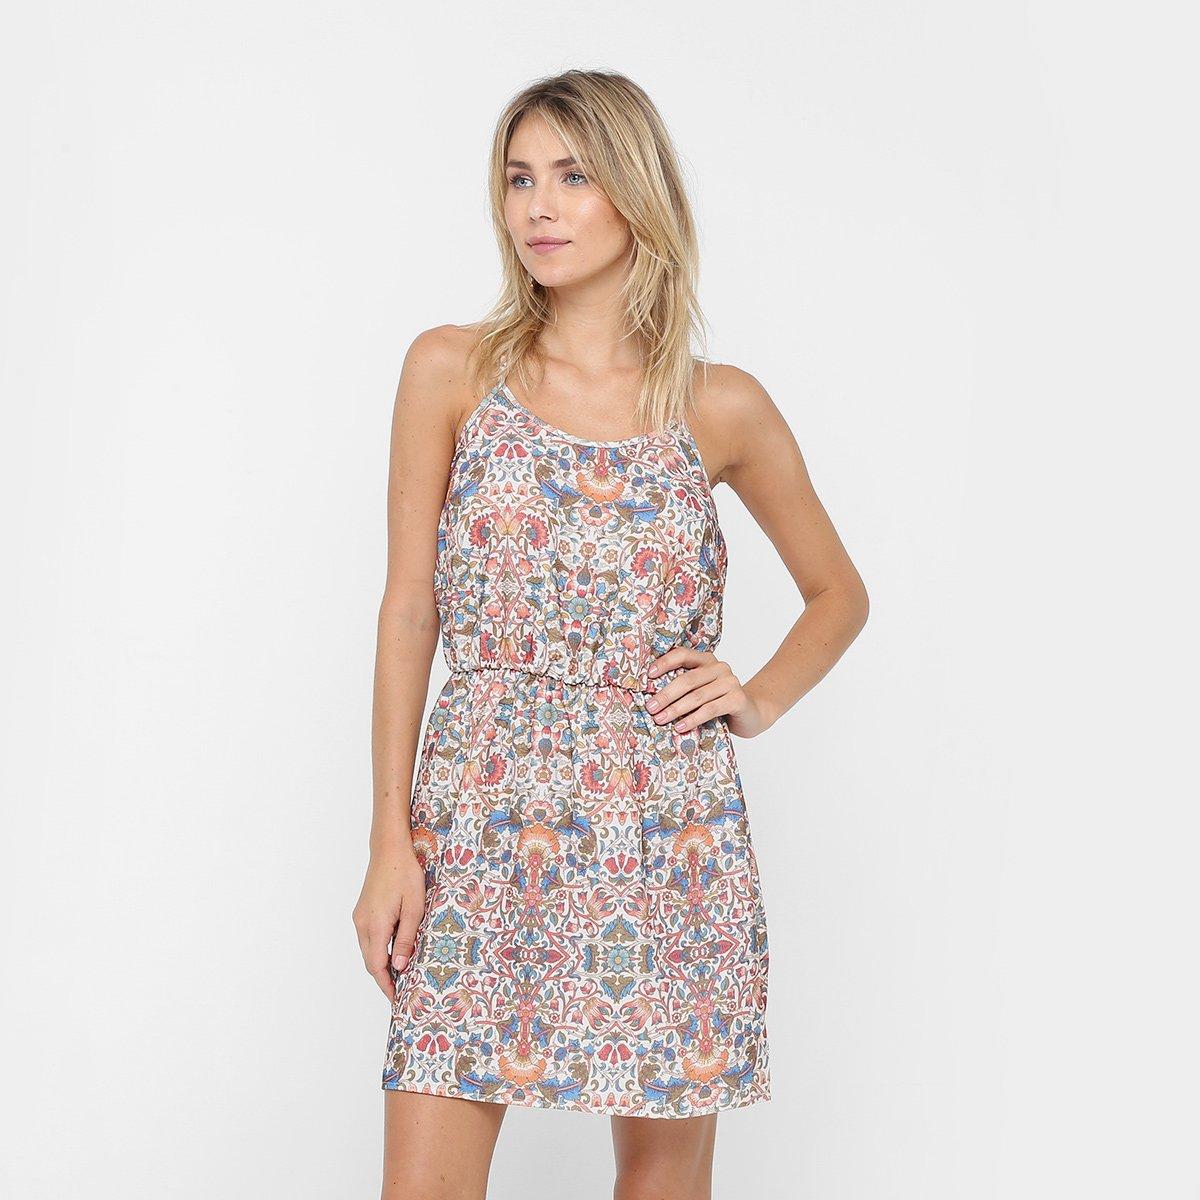 fd937485c9 Vestido Colcci Evasê Curto Floral Amarração